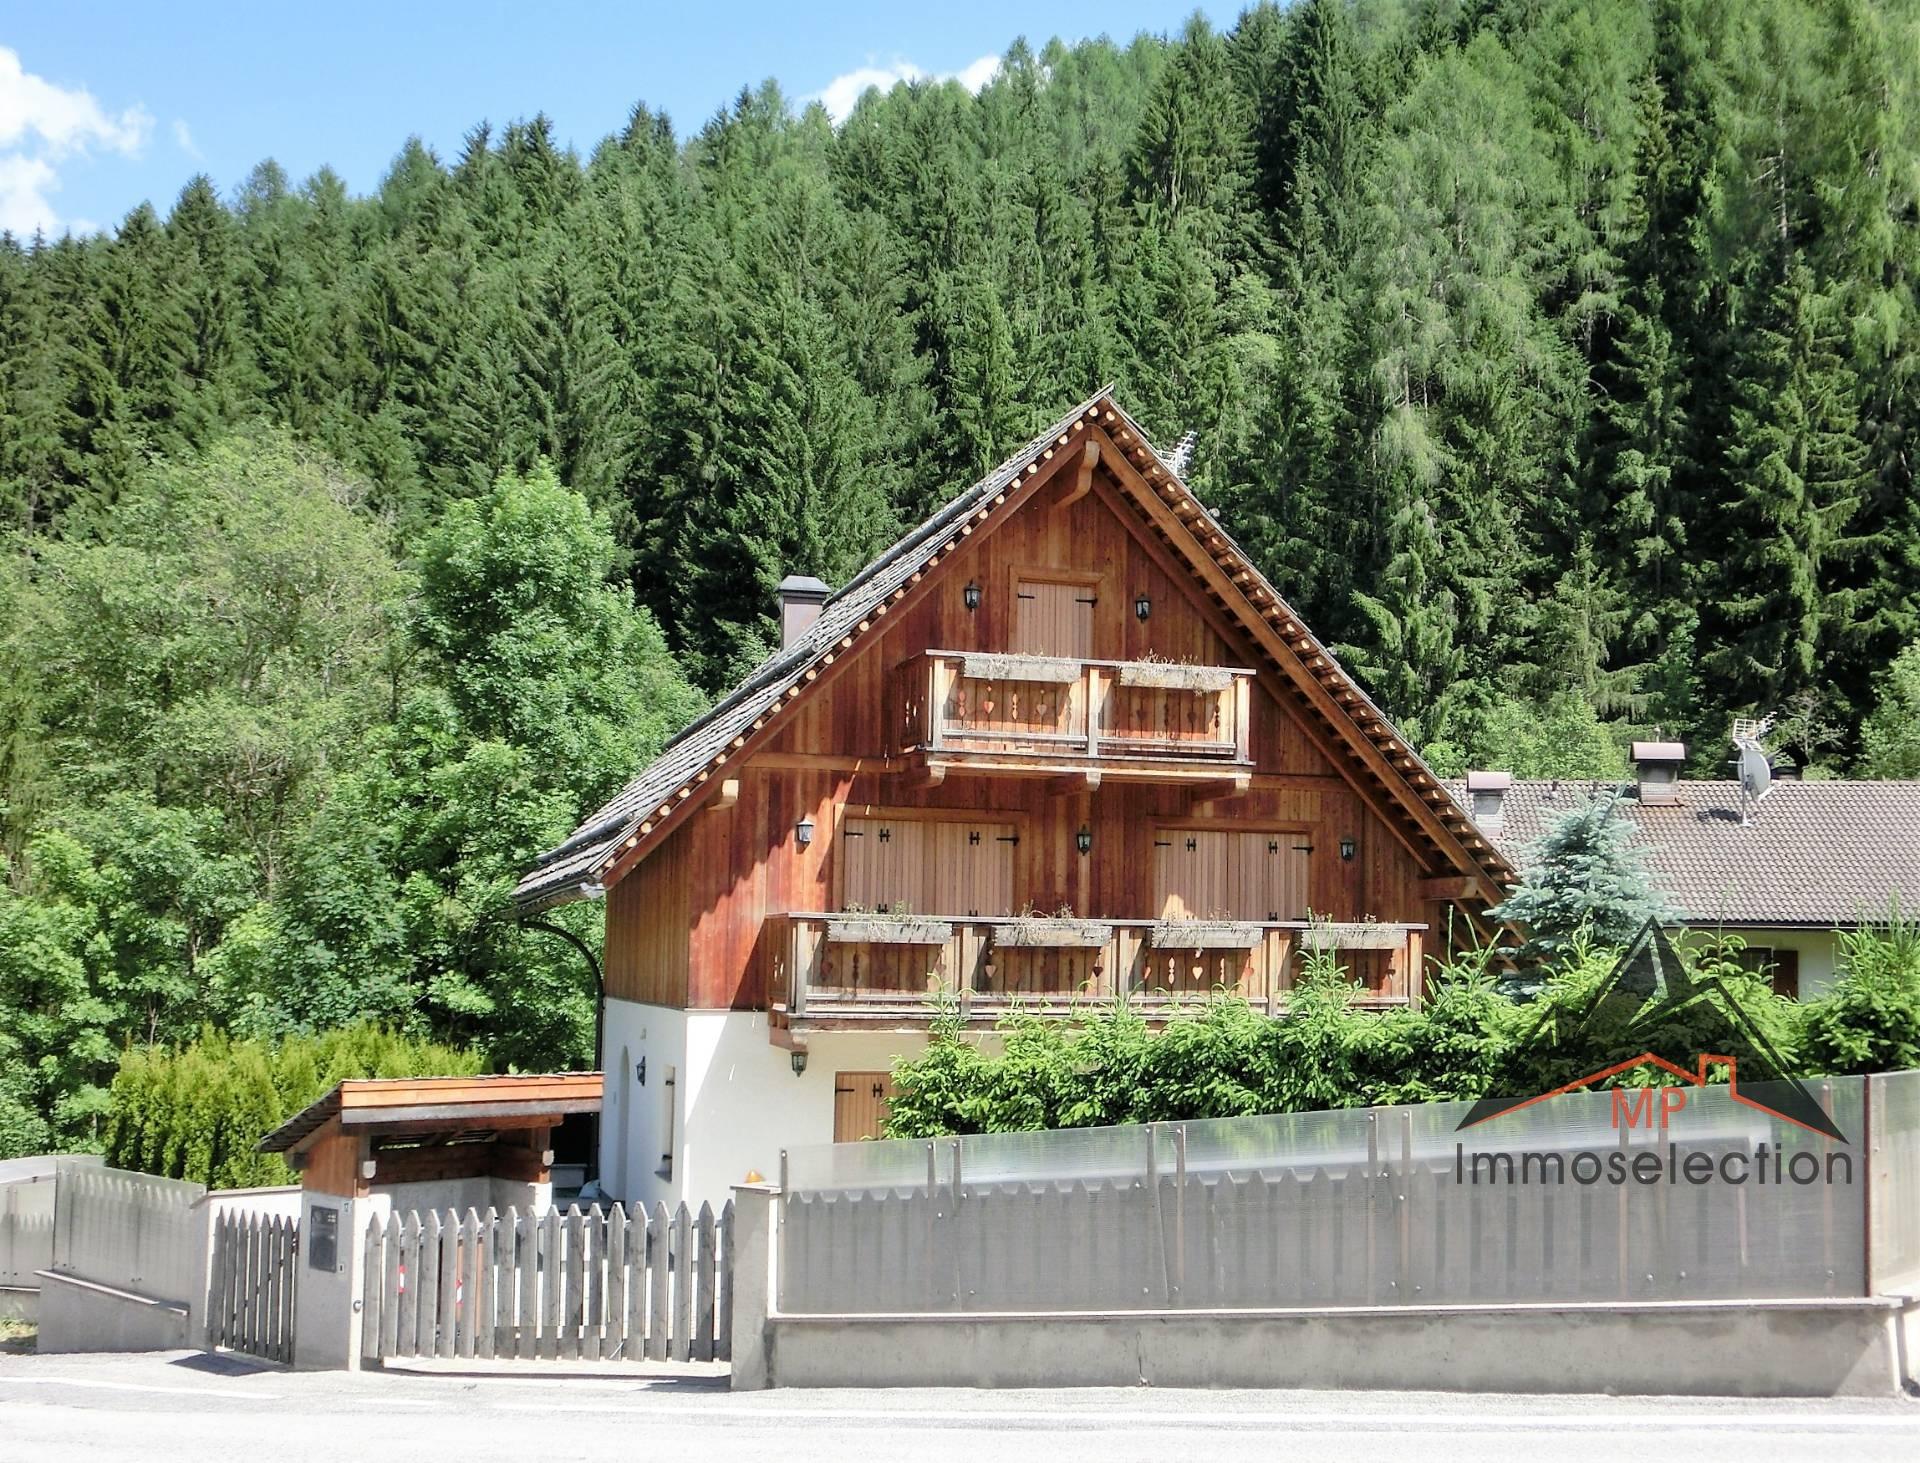 Villa in vendita a Valdaora, 7 locali, zona Zona: Sorafurcia, prezzo € 970.000 | CambioCasa.it